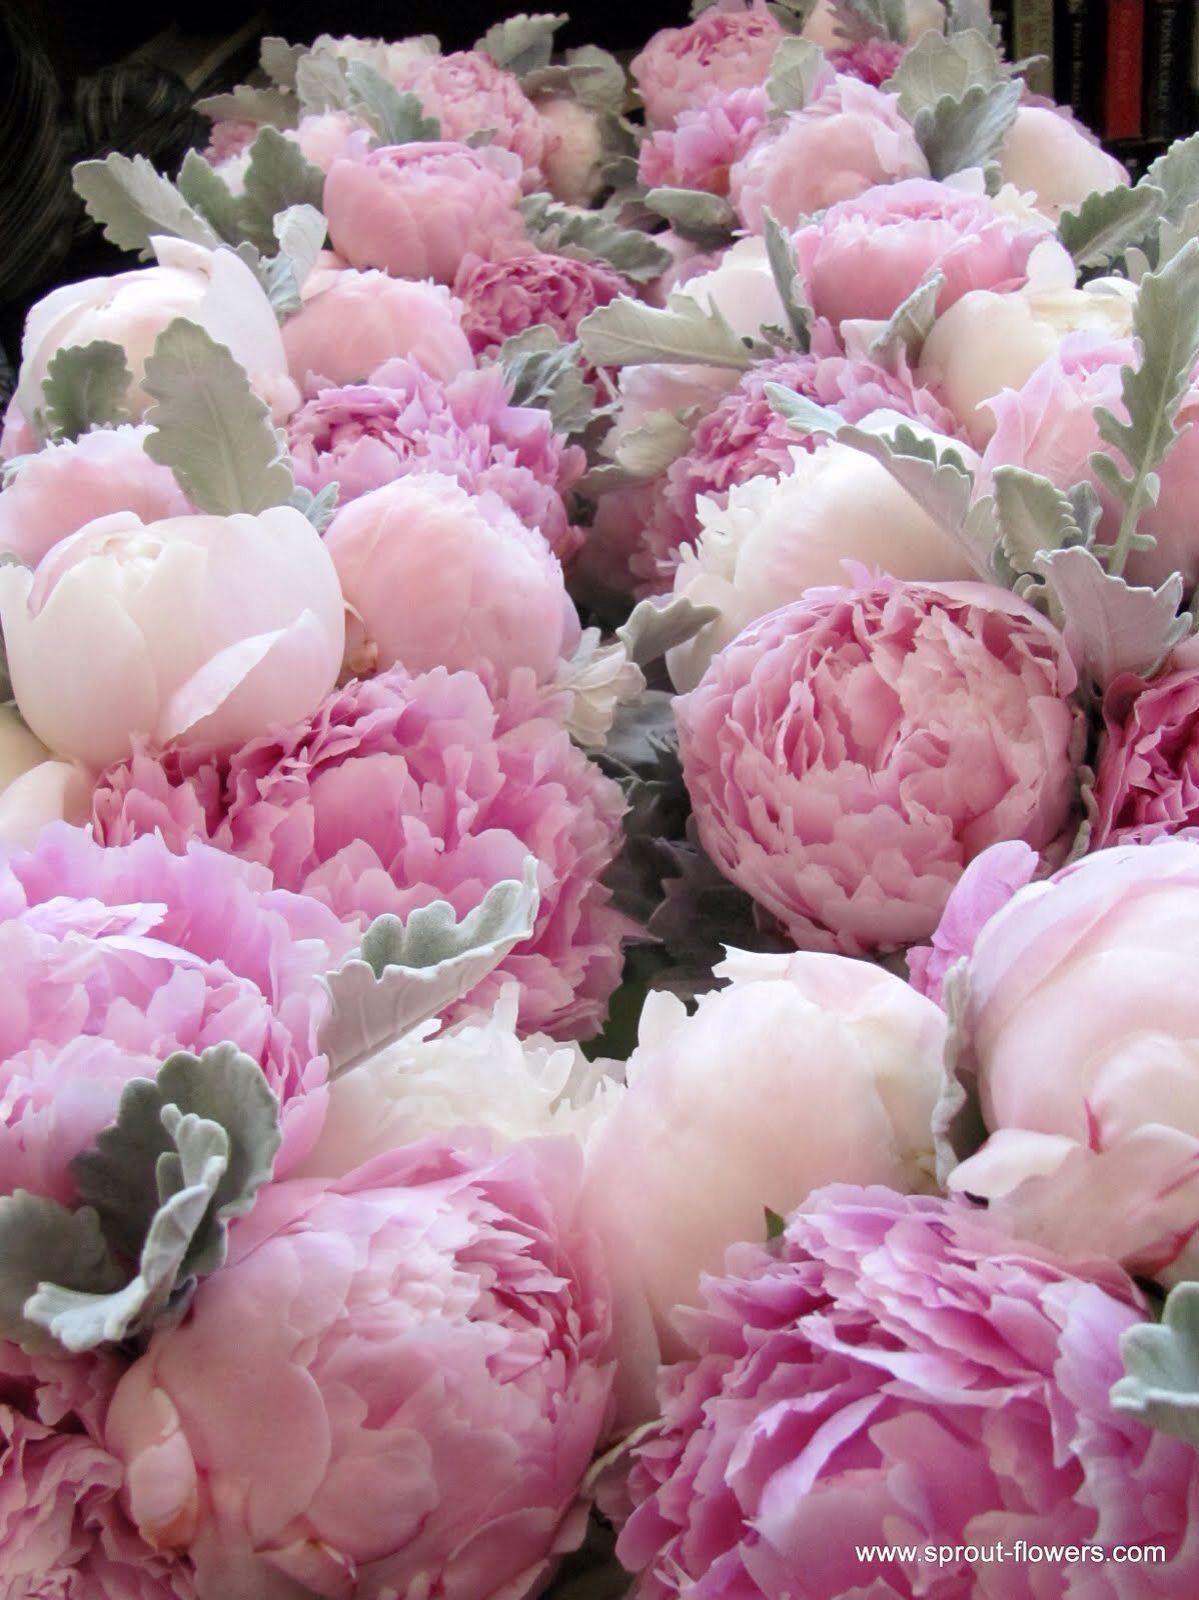 Romantik Akayk Iei Love Peonies Pinterest Peony Flowers